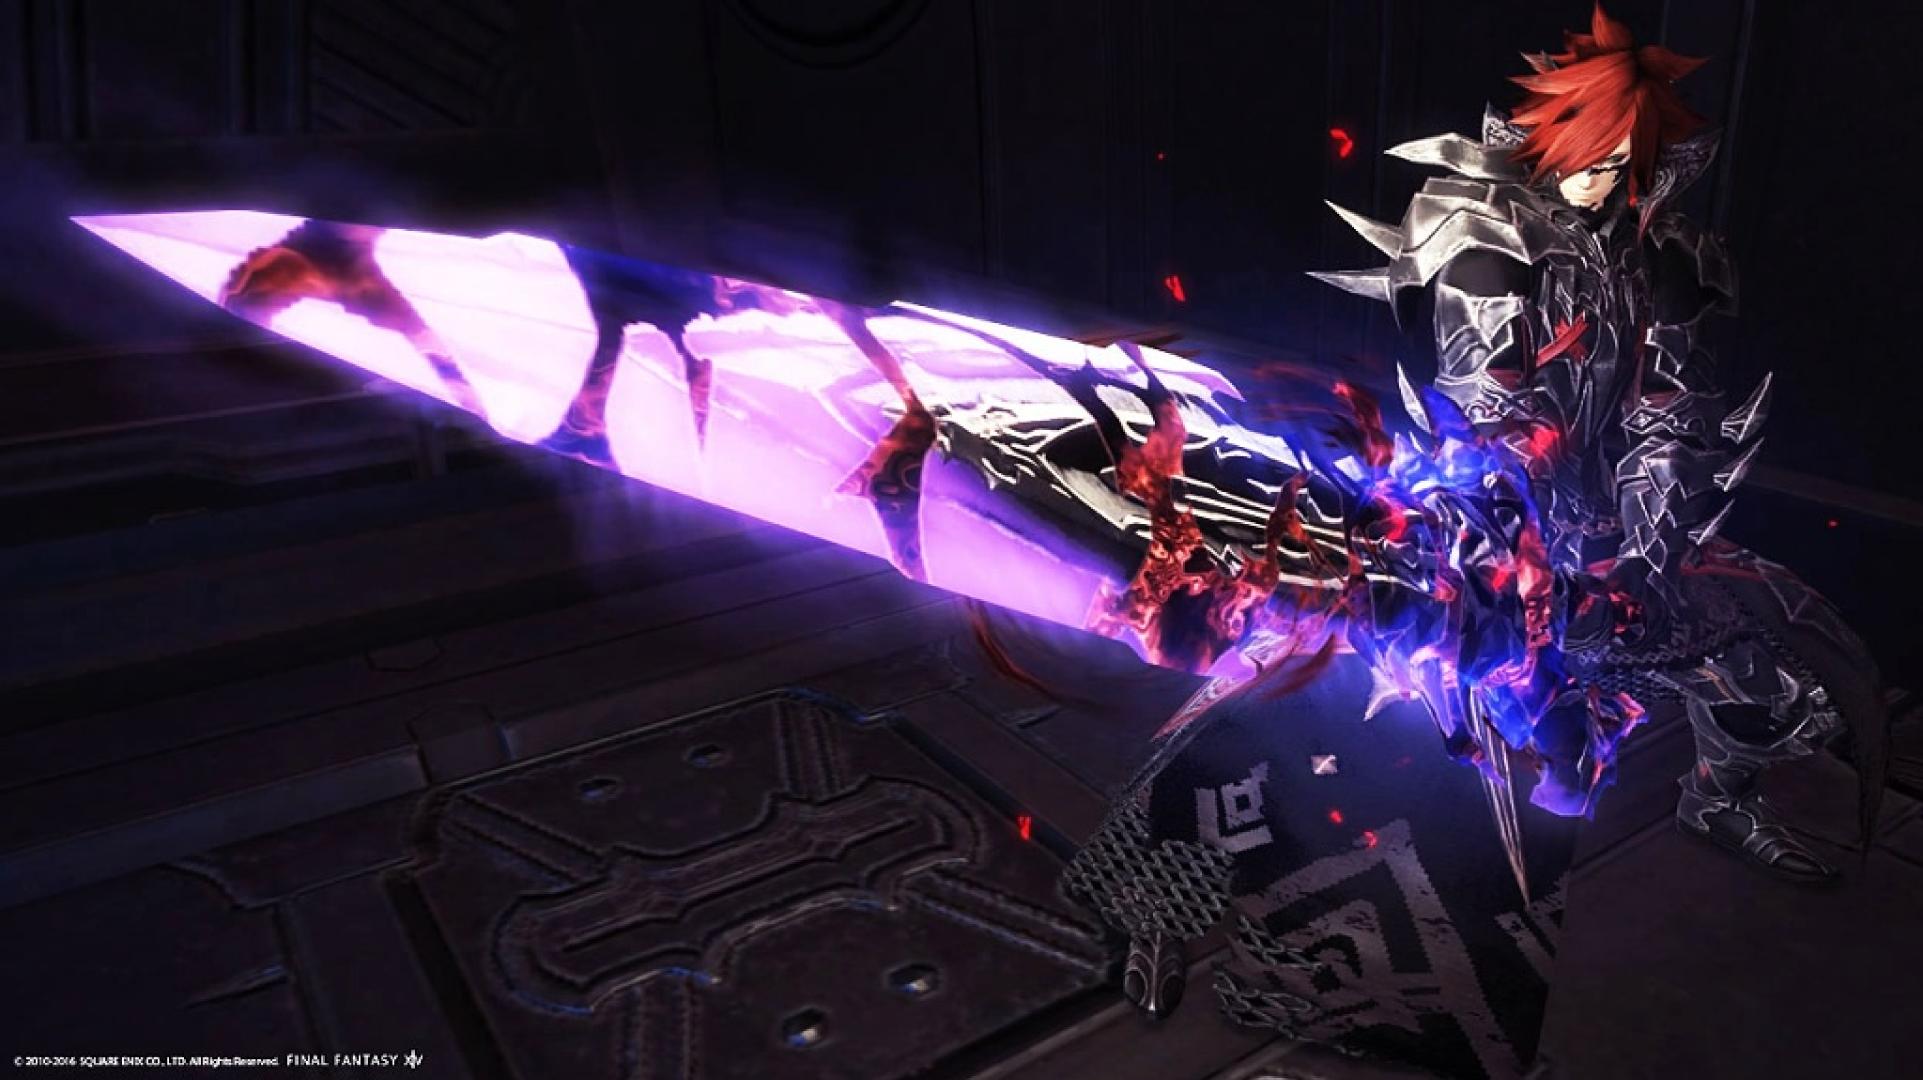 najlepiej wyglądające bronie wMMORPG hyperconductive nothung